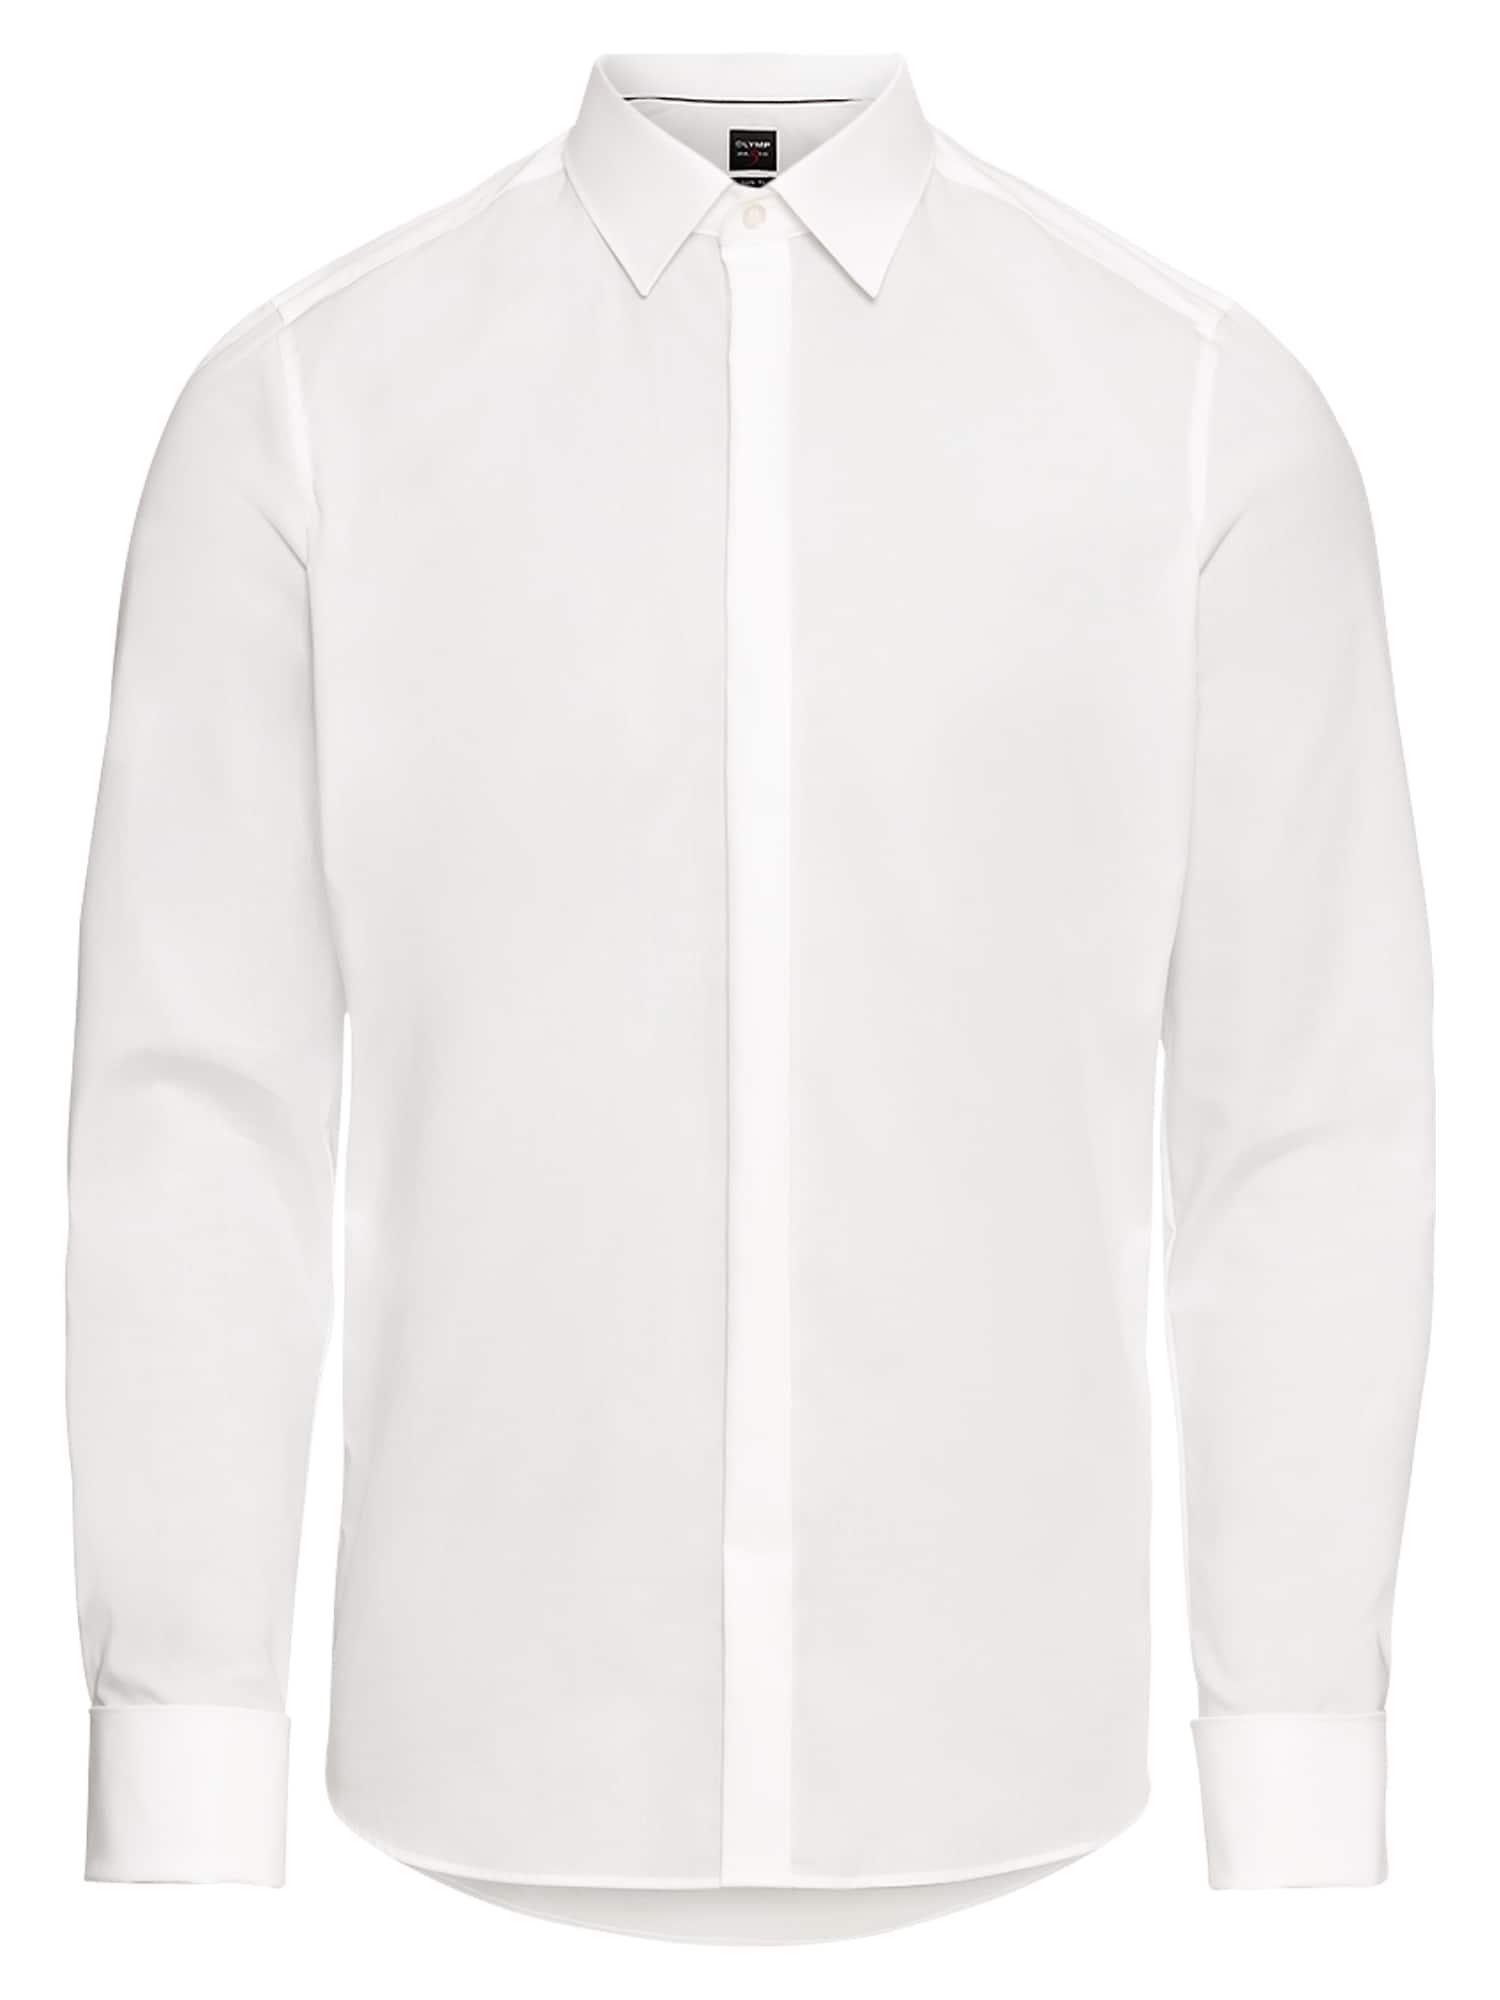 Společenská košile Soiree Lvl 5 Uni Pop krémová OLYMP